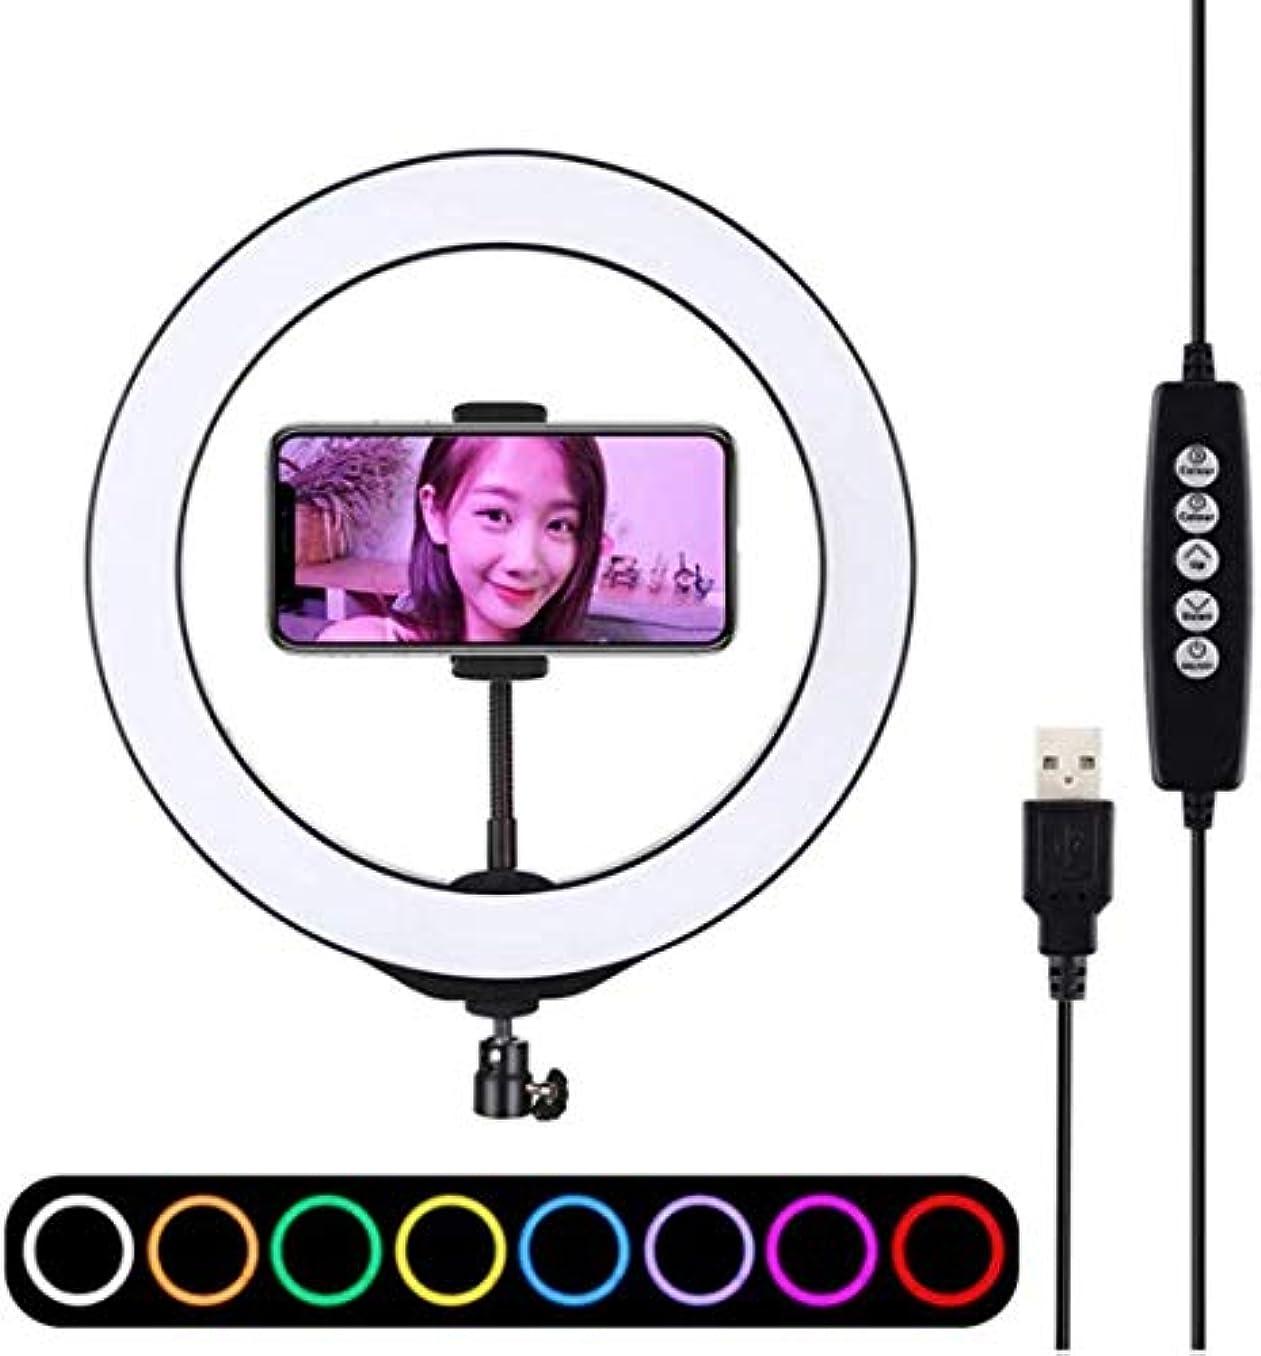 書士くぼみ事務所スタンドと電話ホルダー付きのAJH USB充電LEDリングライト、カメラフォトビデオライティングキットのためにYouTubeのビデオ、メイク、自分撮り、写真、ライブストリーミング、Tiktok